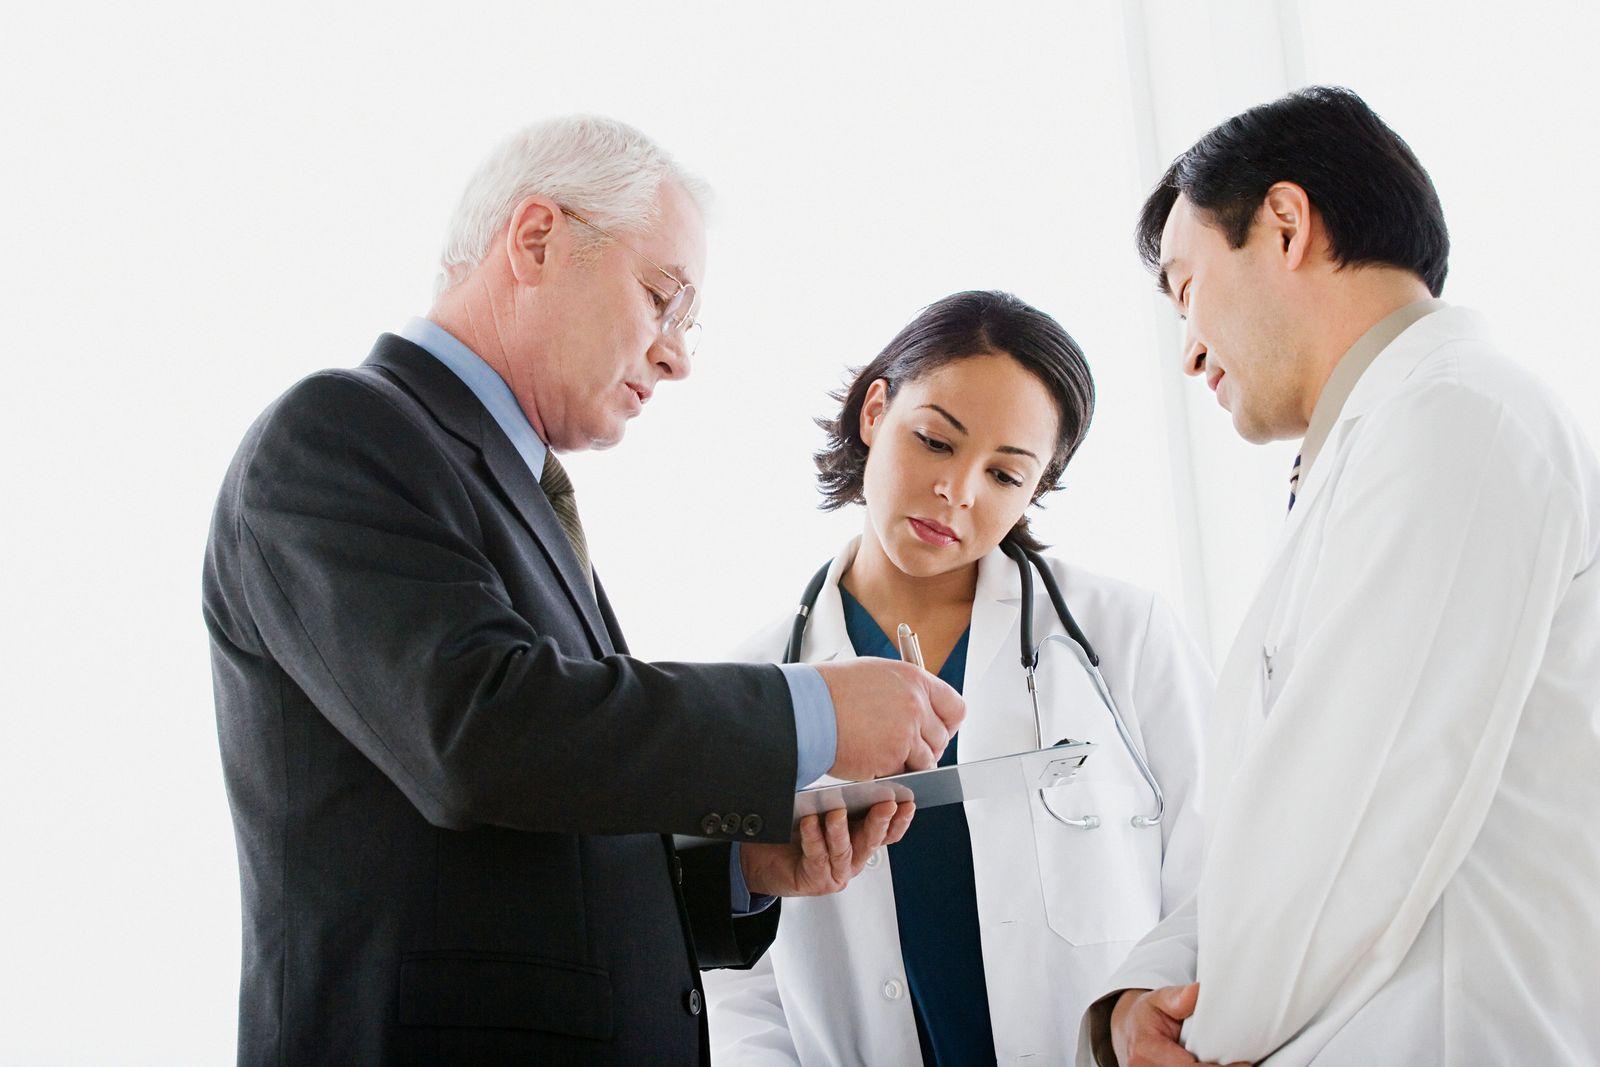 NICHT MEHR VERWENDEN! - Arzt / Patient / Praxis / Untersuchung / Unterschrift